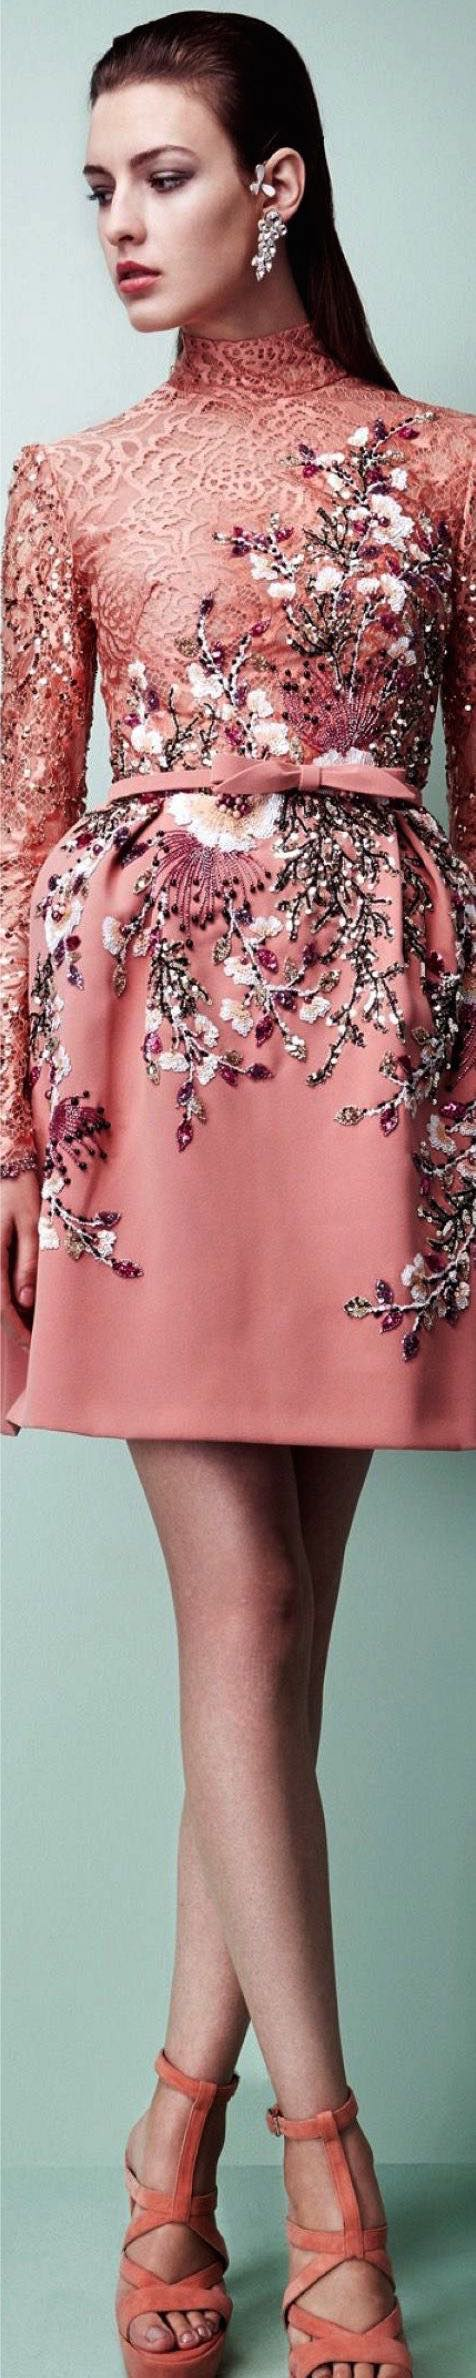 Cuellos altos muy de moda para los vestidos de cóctel de la colección de Georges Hobeika 2017 detalle estampado con relieve y brillo.